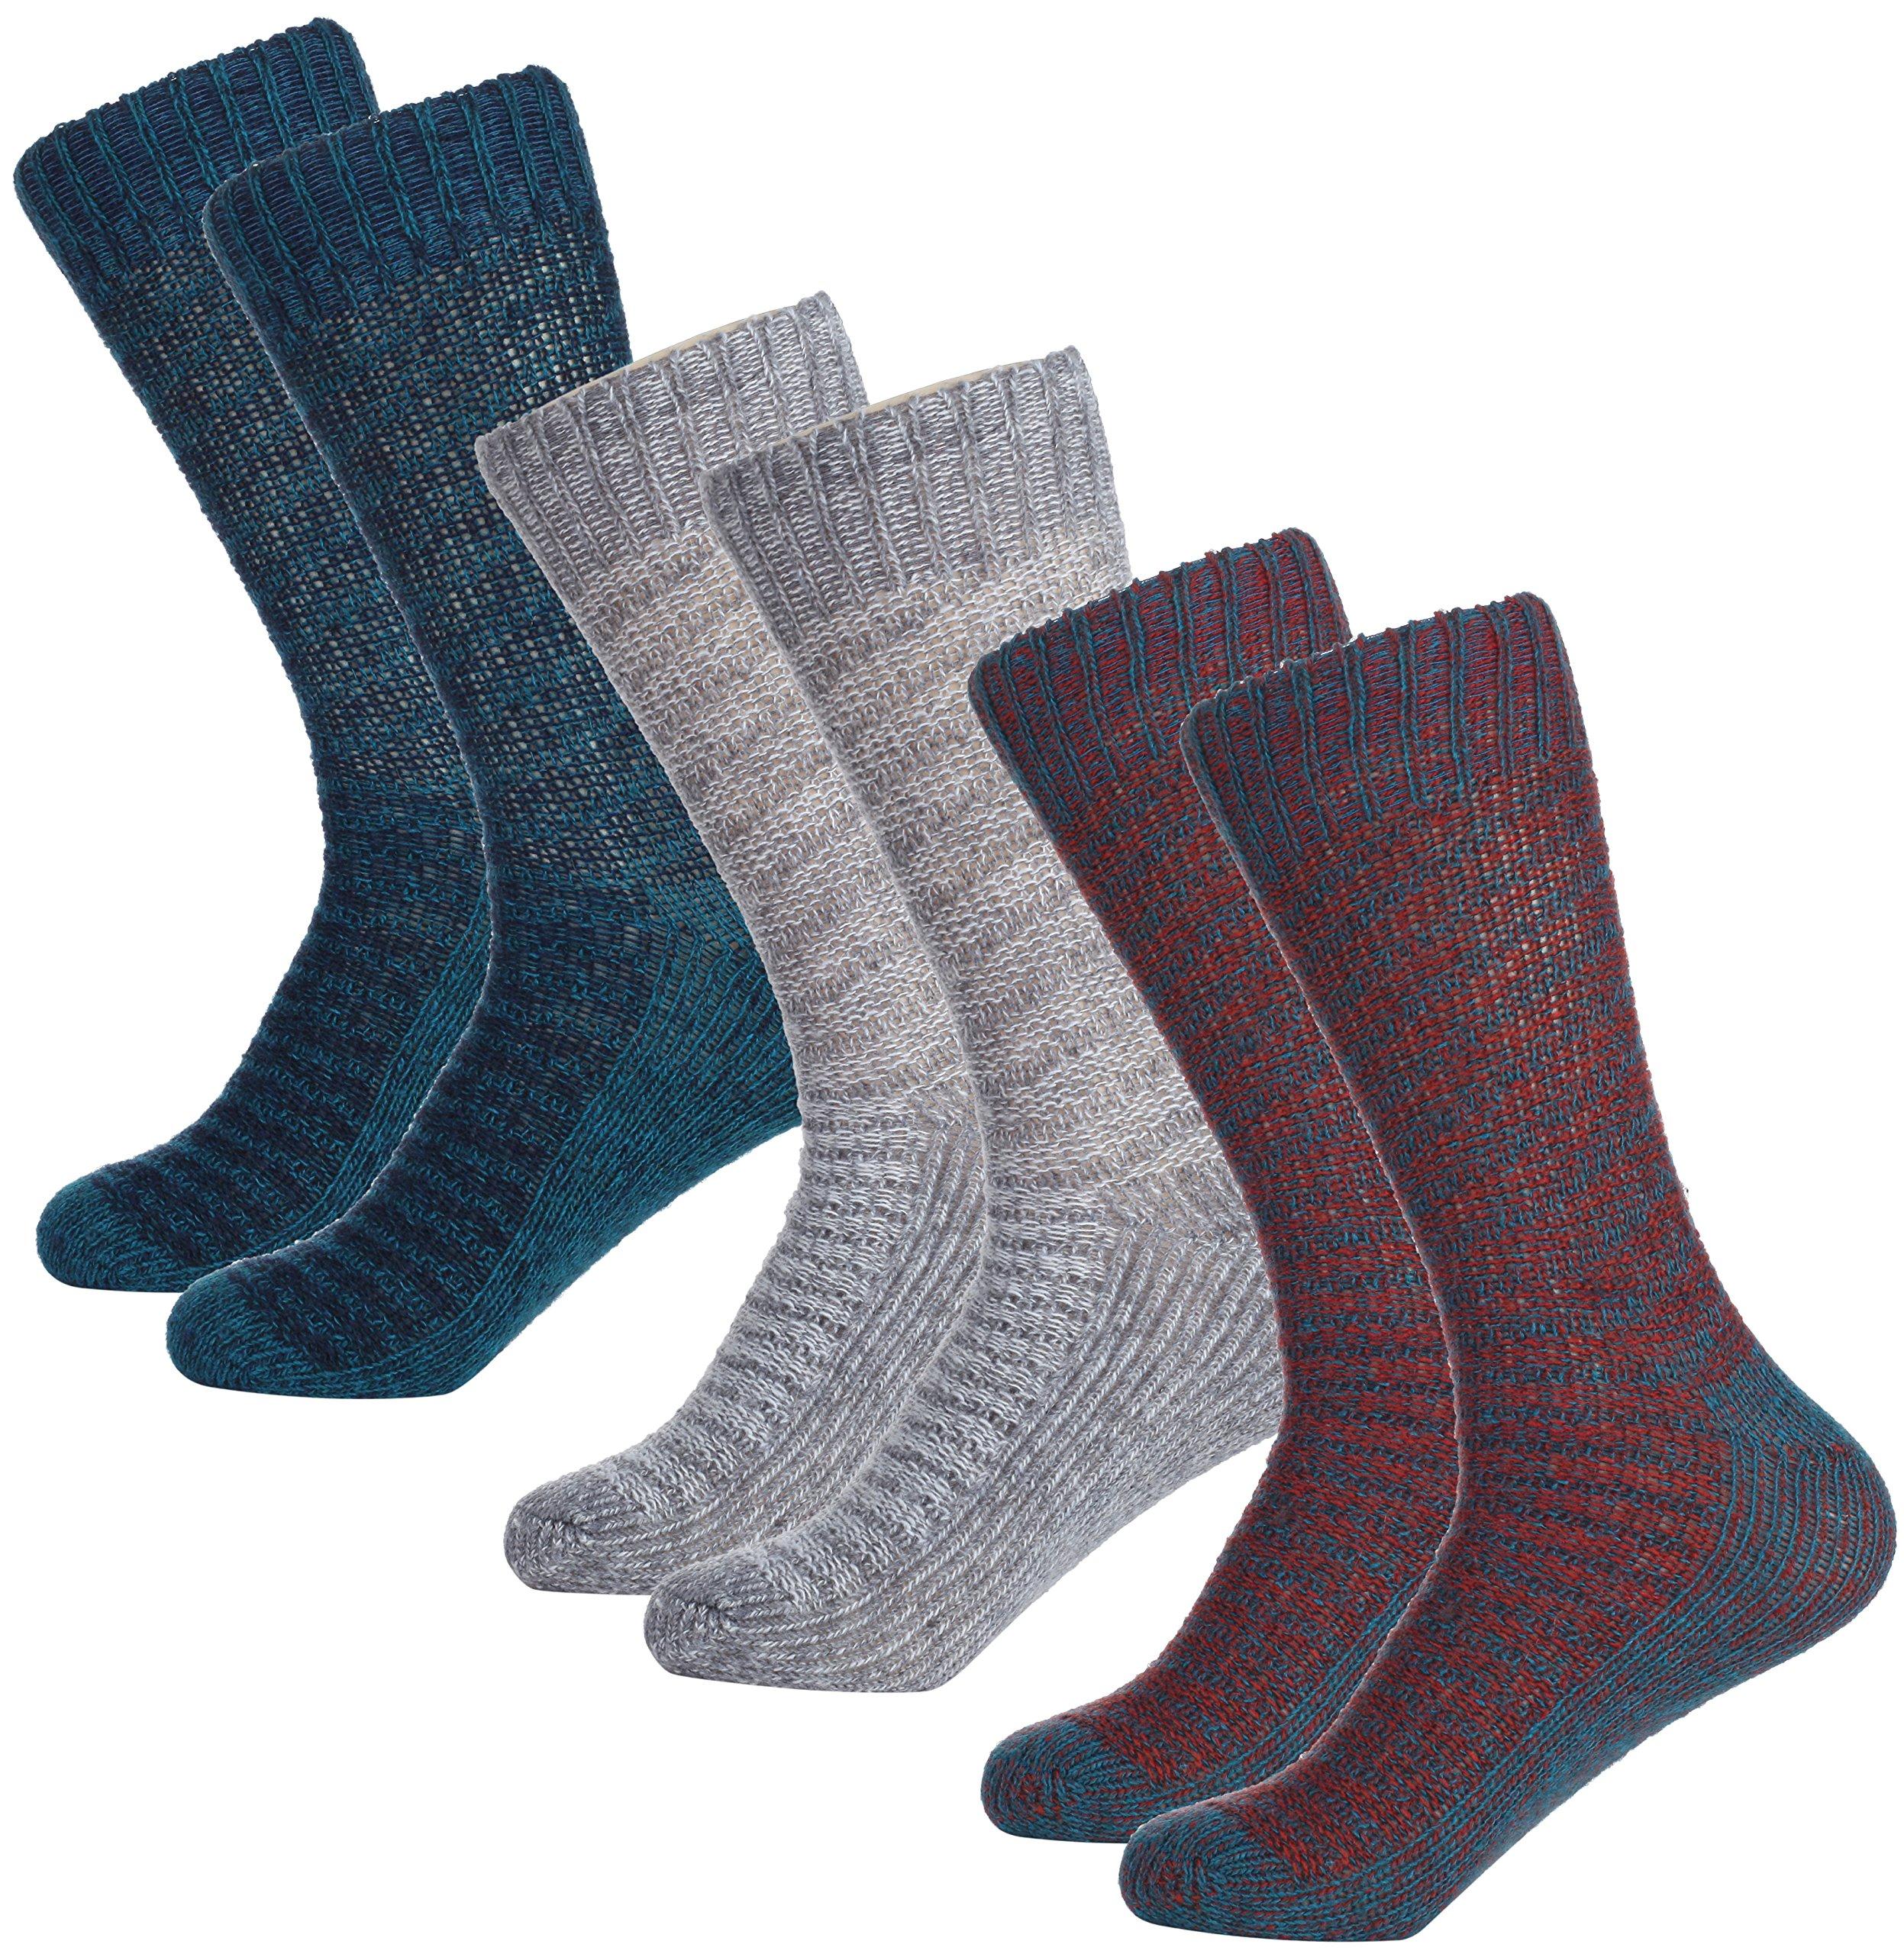 Mio Marino Women's Winter Soft Wool Socks - Cozy Warm Thick Knitted Crew Socks - 3 Pack - Gift Box